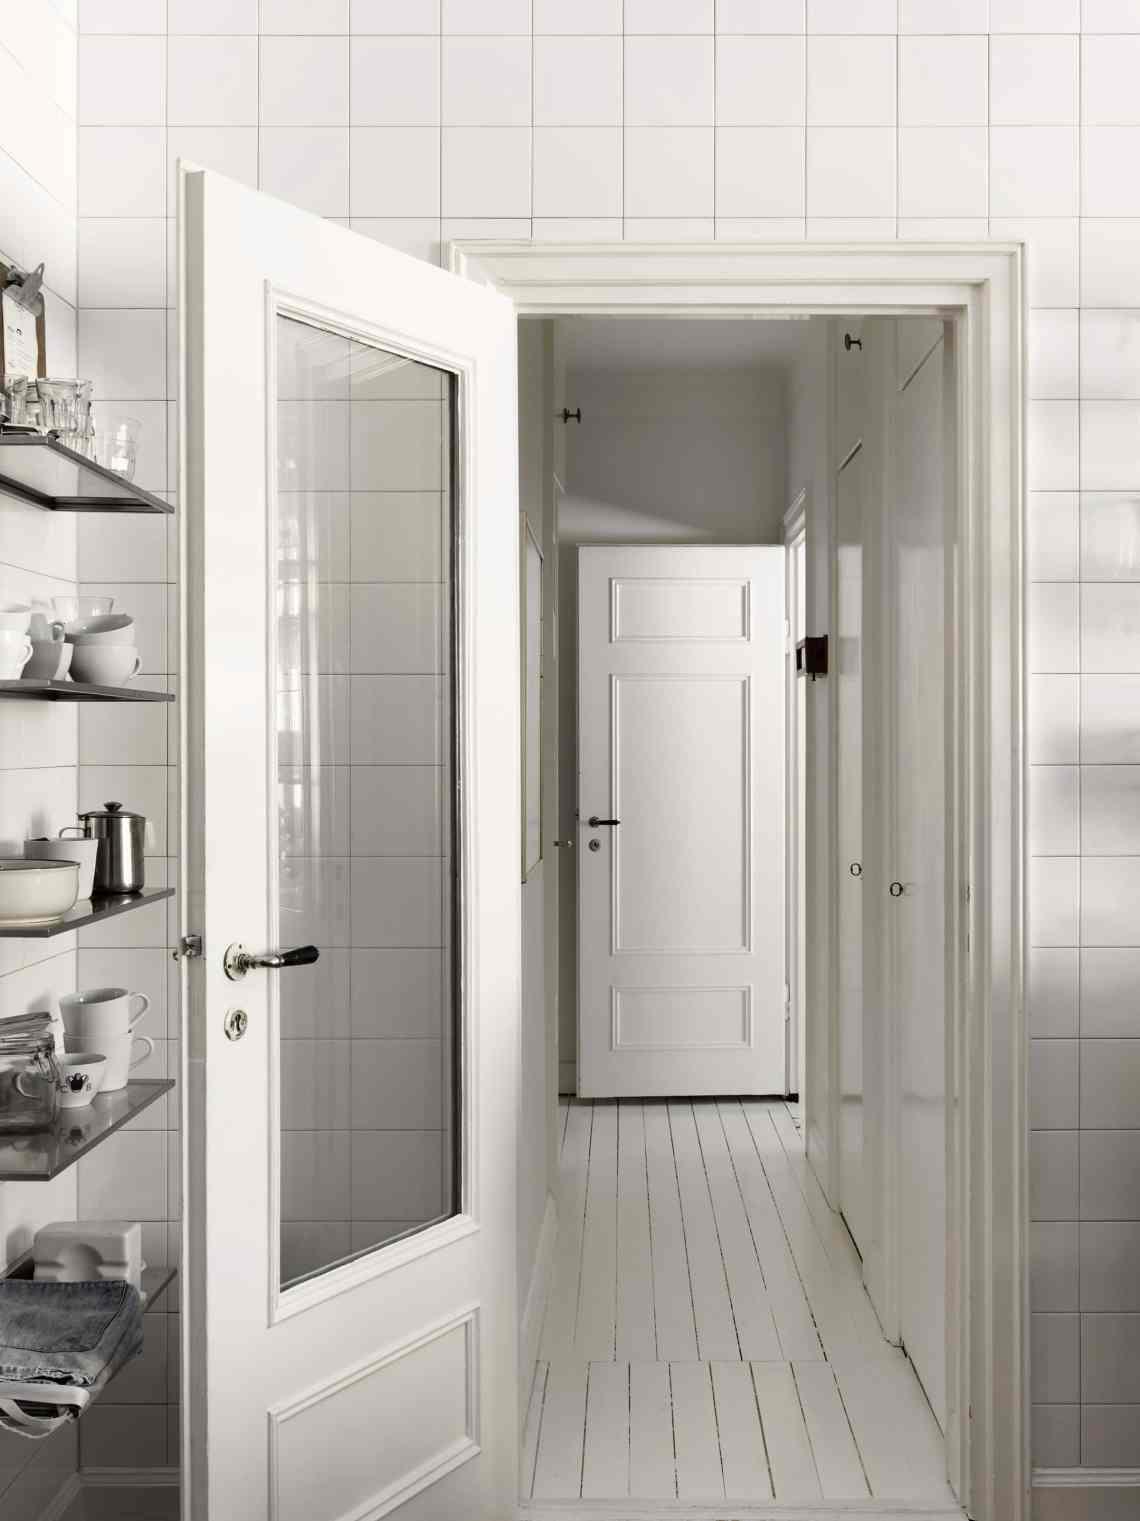 Christopher Bastin's home - via cocolapinedesign.com